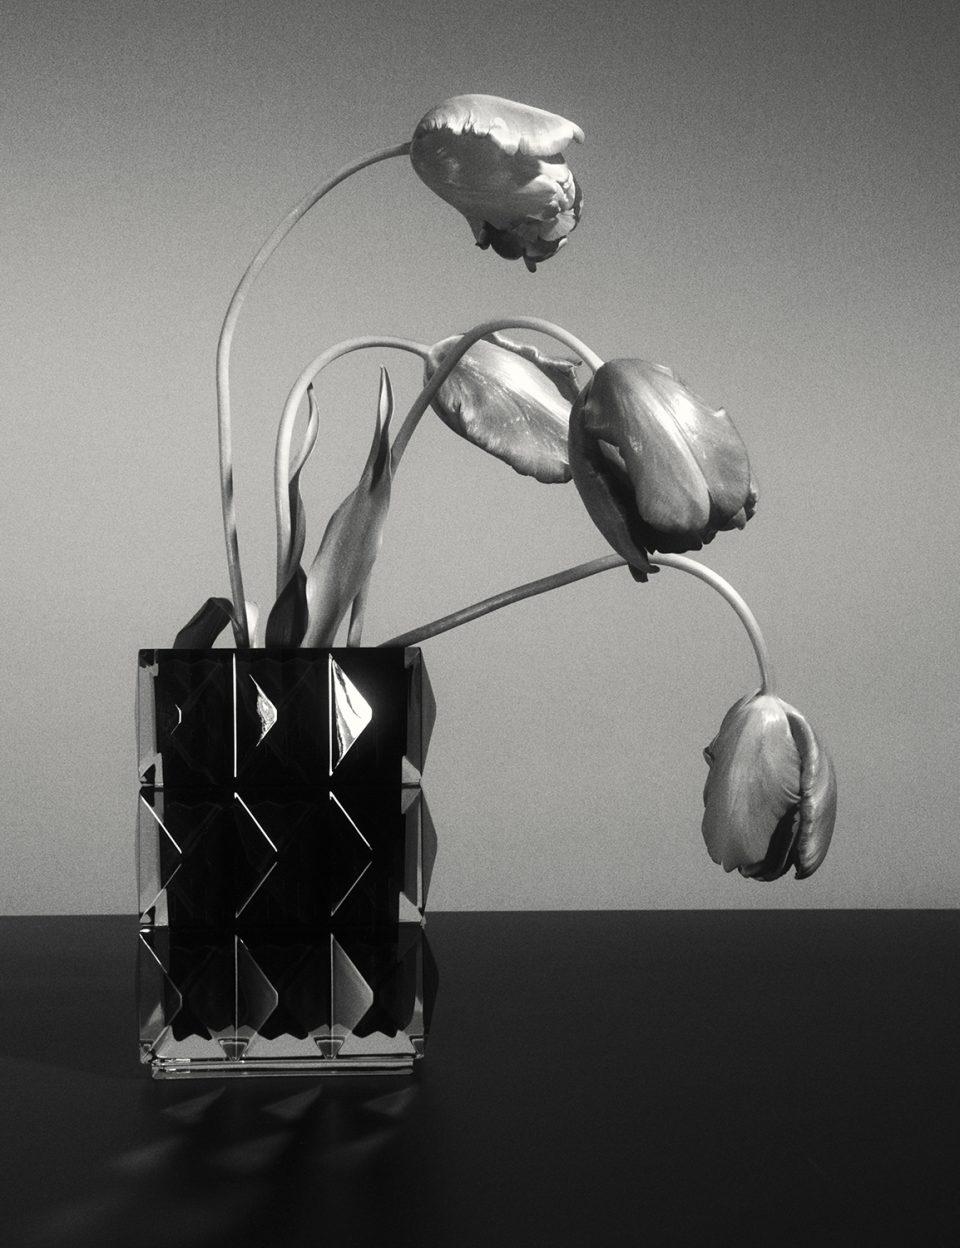 日常を豊かにする、サンローランが手がける美しいライフスタイルプロダクト。